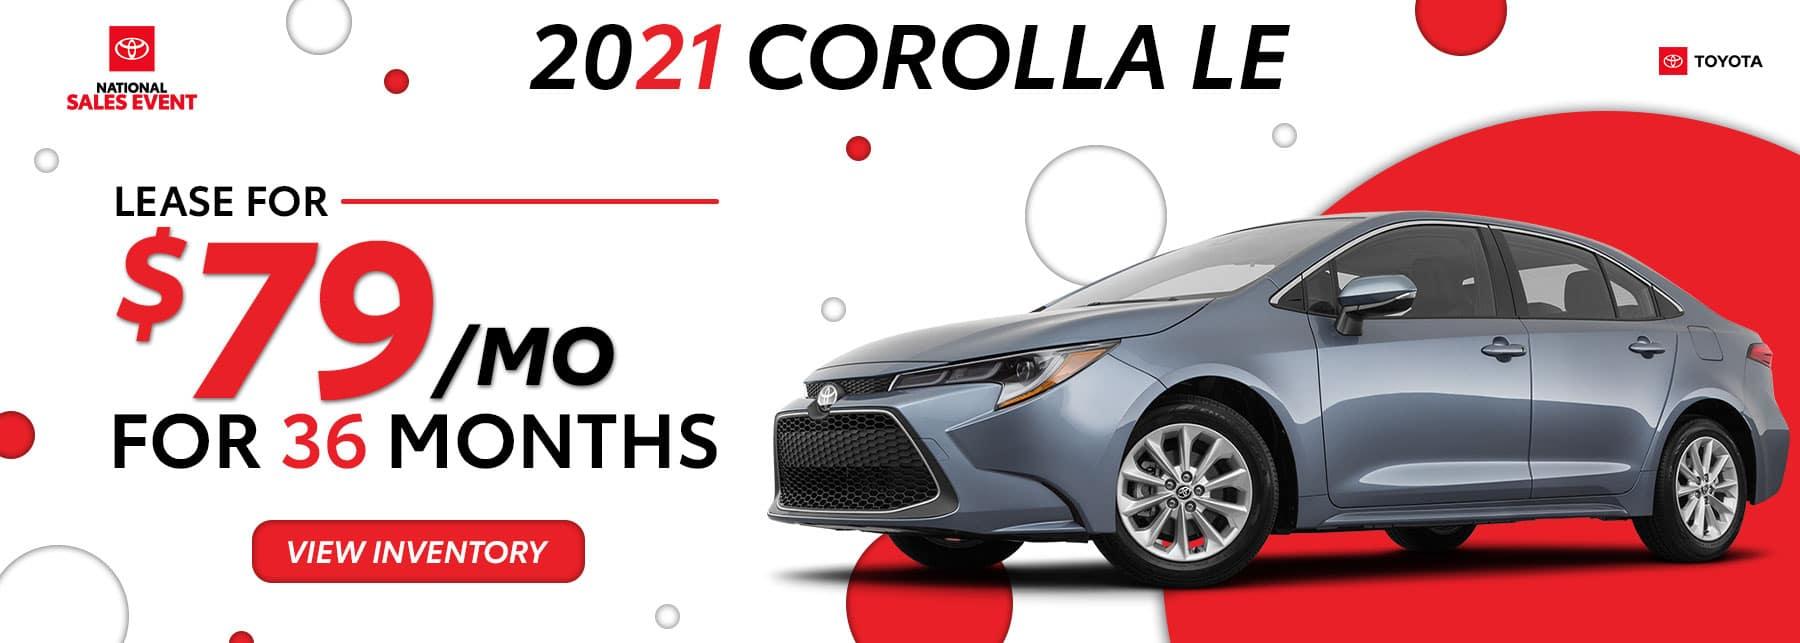 Toyota of North Miami – June 21 – 21 Corolla – 1800×643